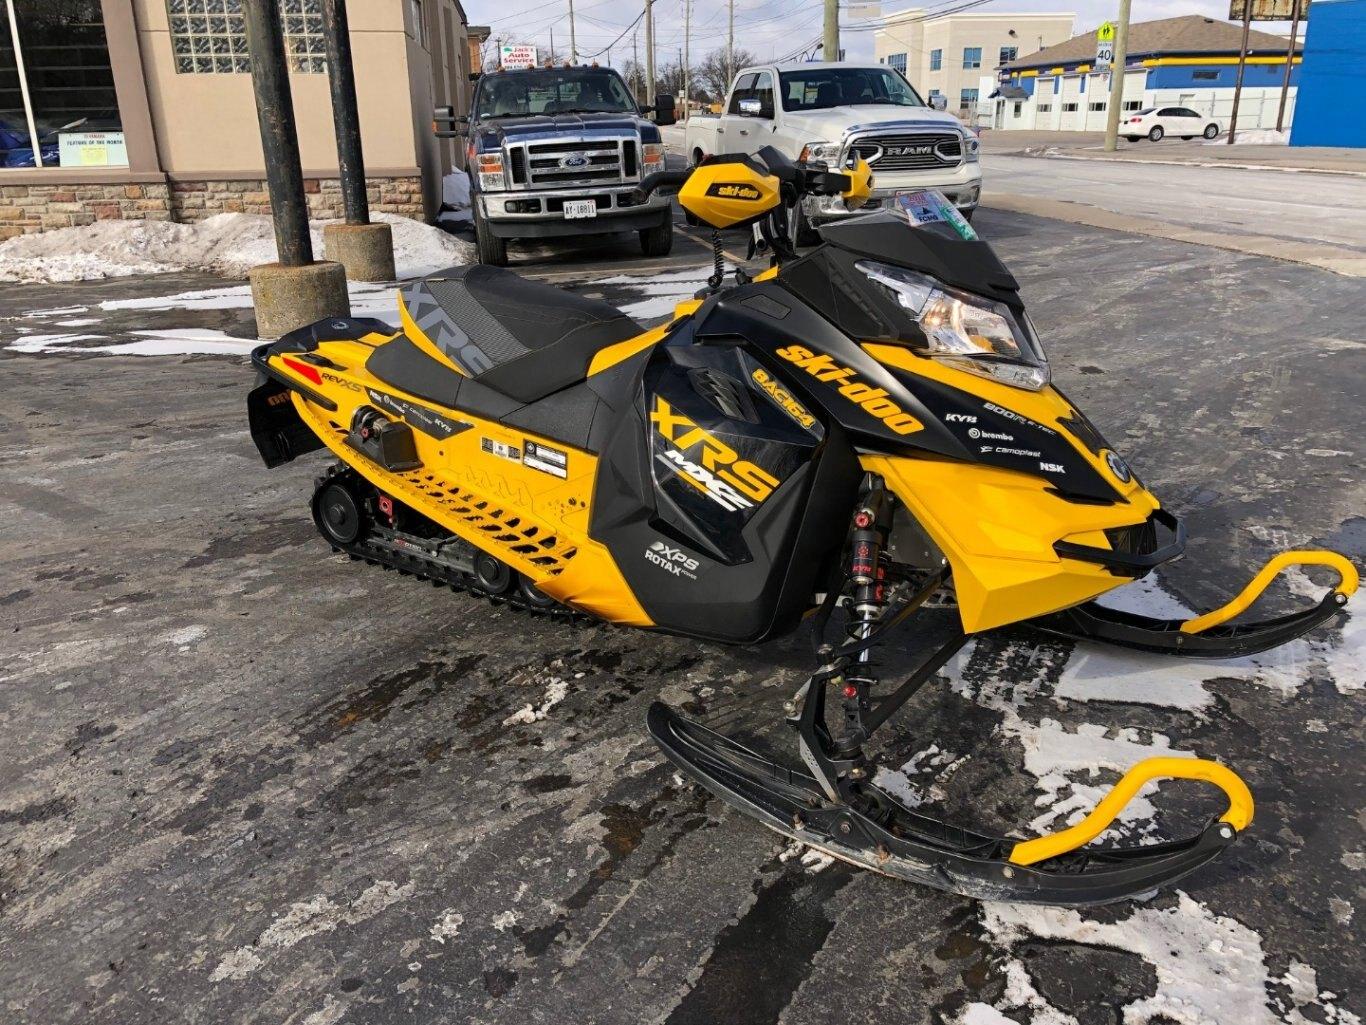 2014 Ski Doo MXZ800 XRS